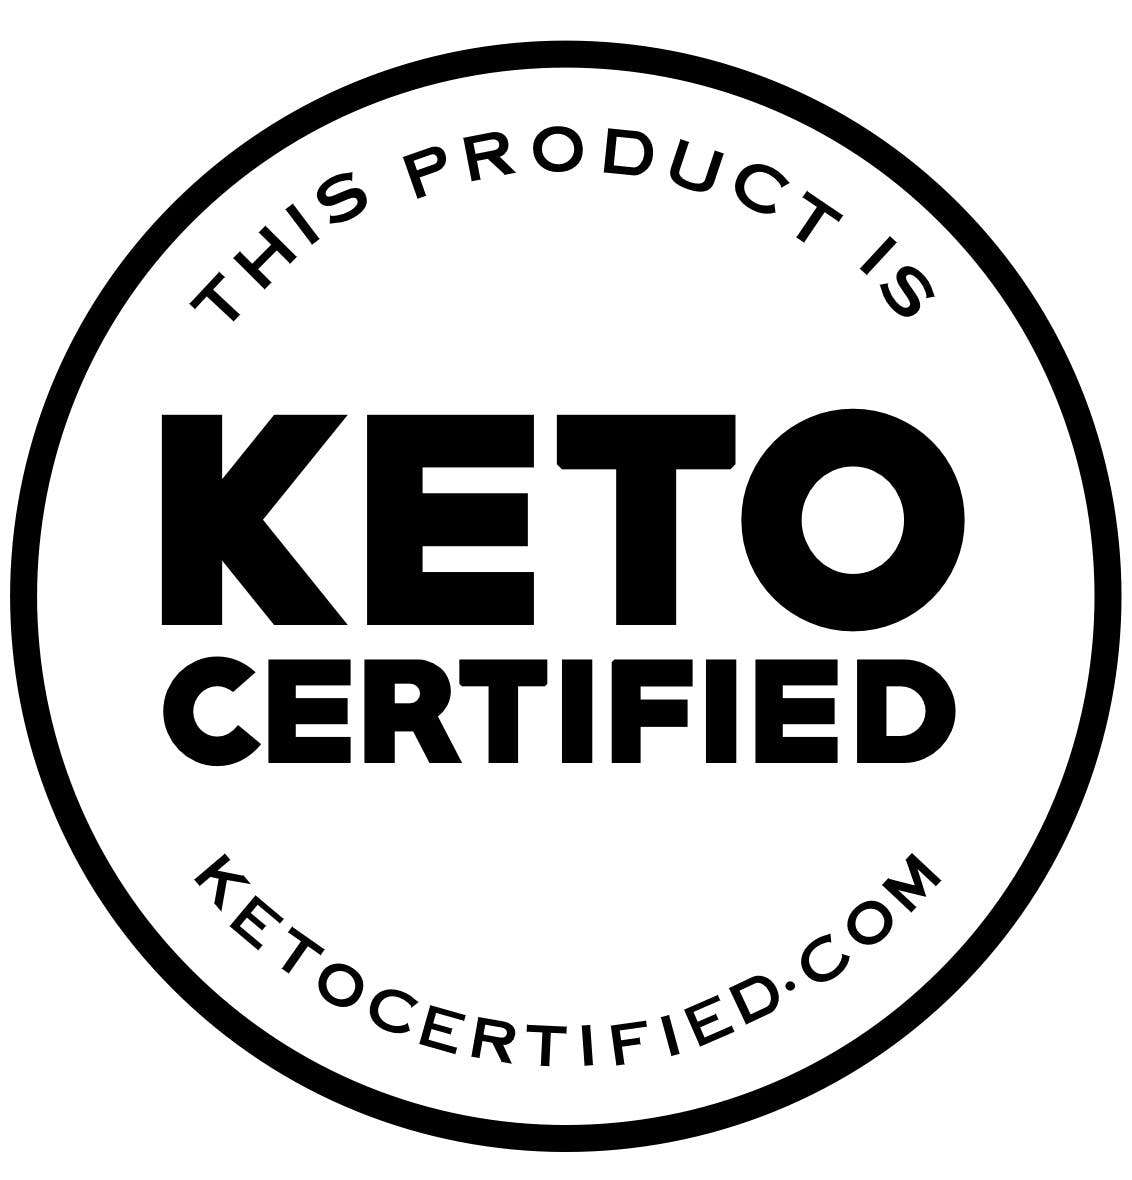 Keto certified